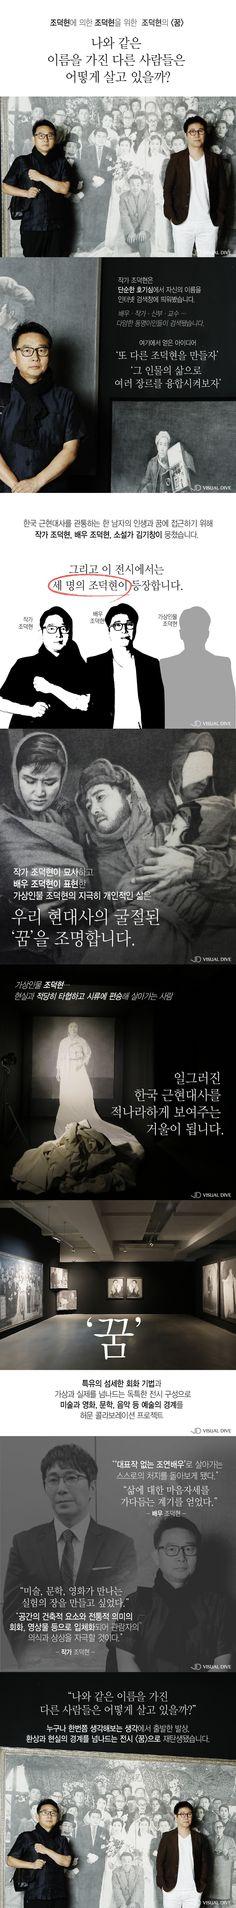 세 명의 조덕현이 그린 '꿈' [인포그래픽] #Dream / #Infographic ⓒ 비주얼다이브 무단 복사·전재·재배포 금지